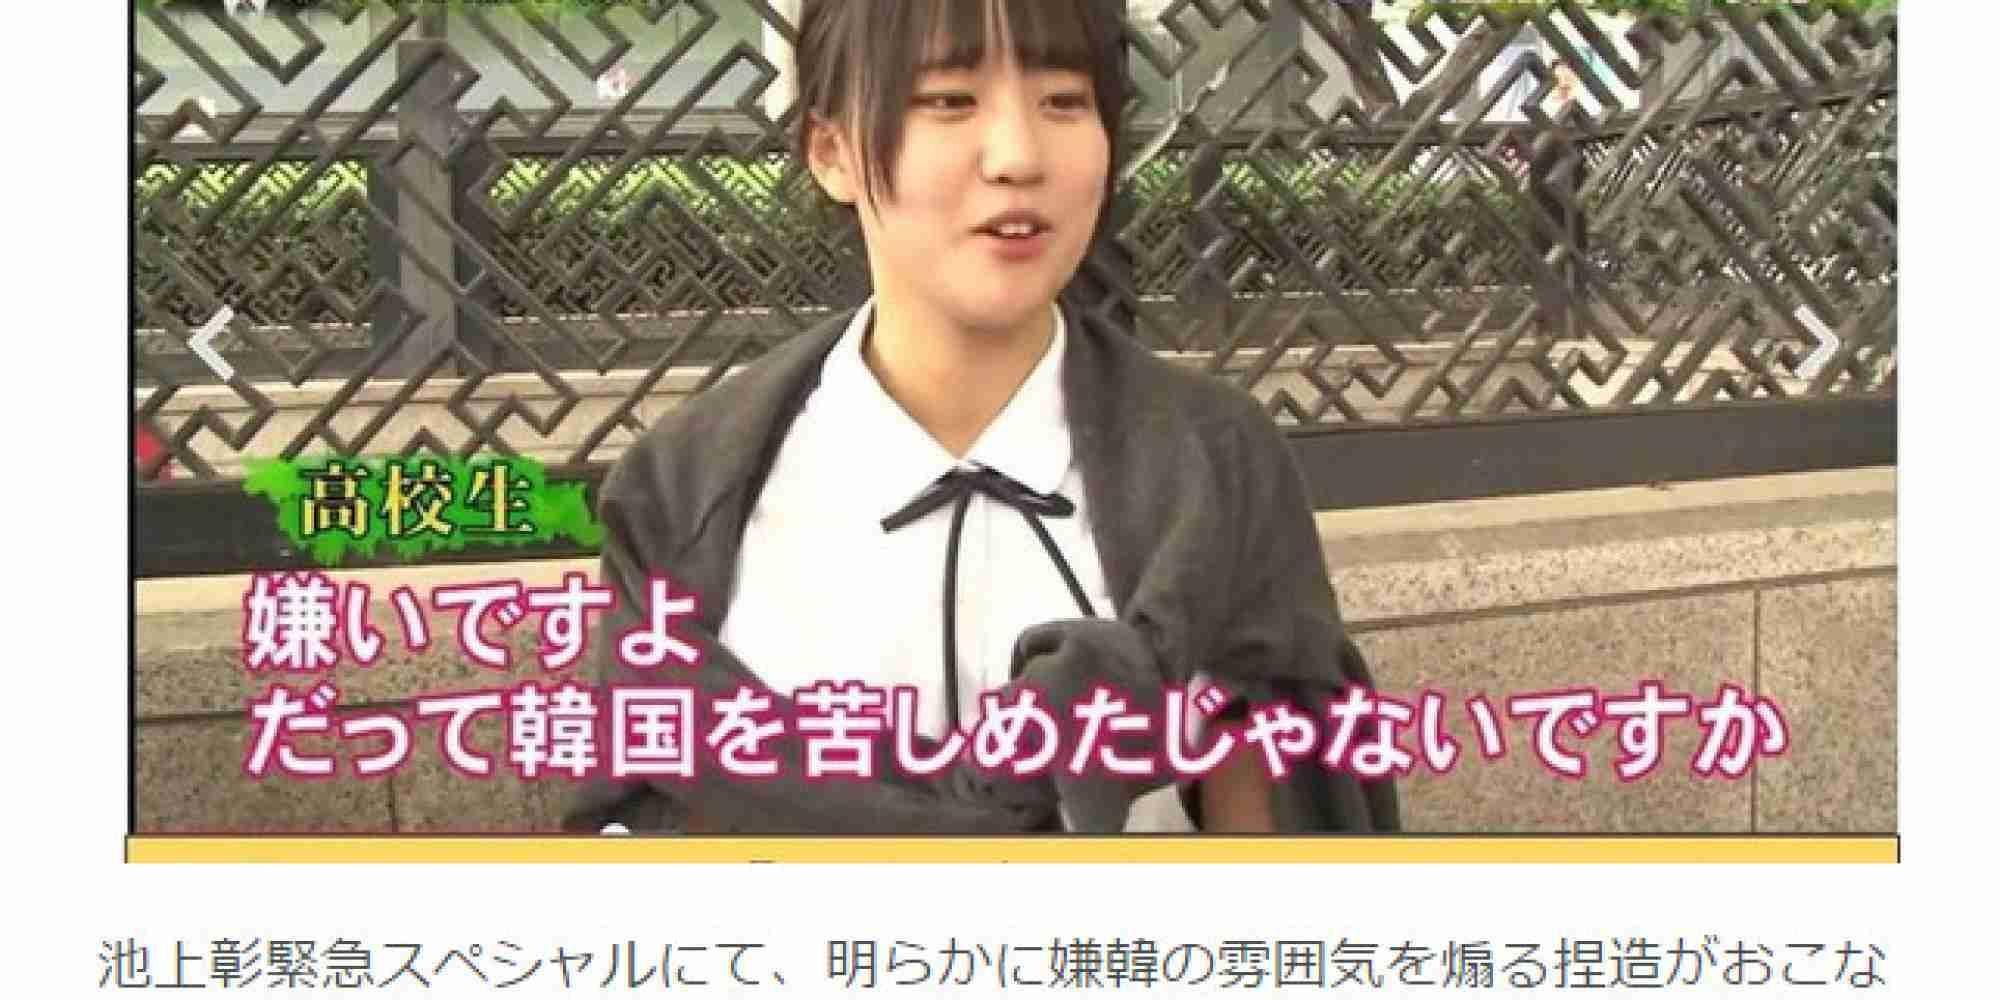 池上彰氏の番組で韓国人のコメント捏造か 「日本嫌いですよ」実際は何と言った?